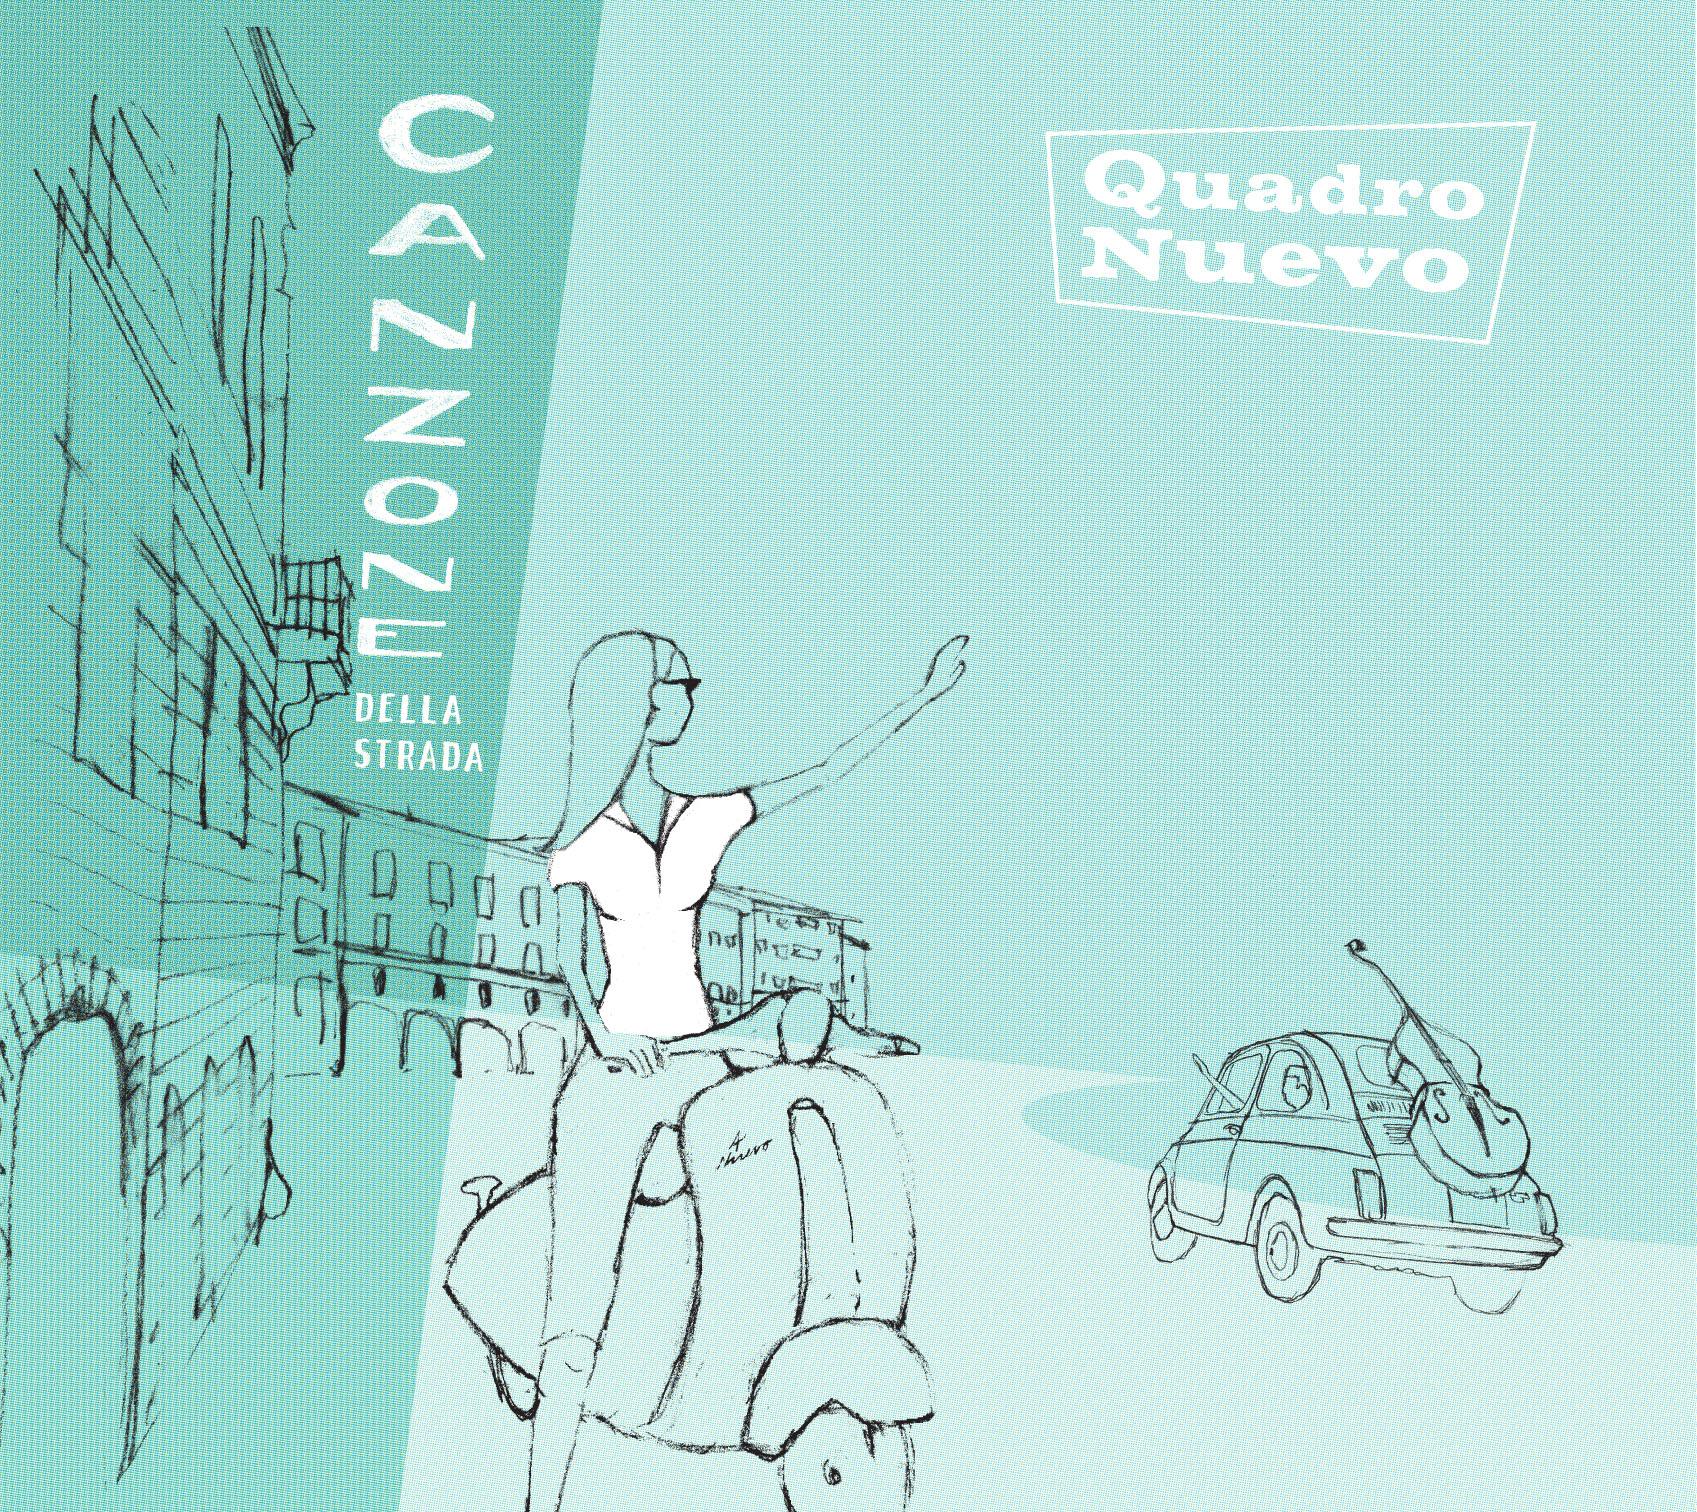 Quadro Nuevo - Canzone Della Strada